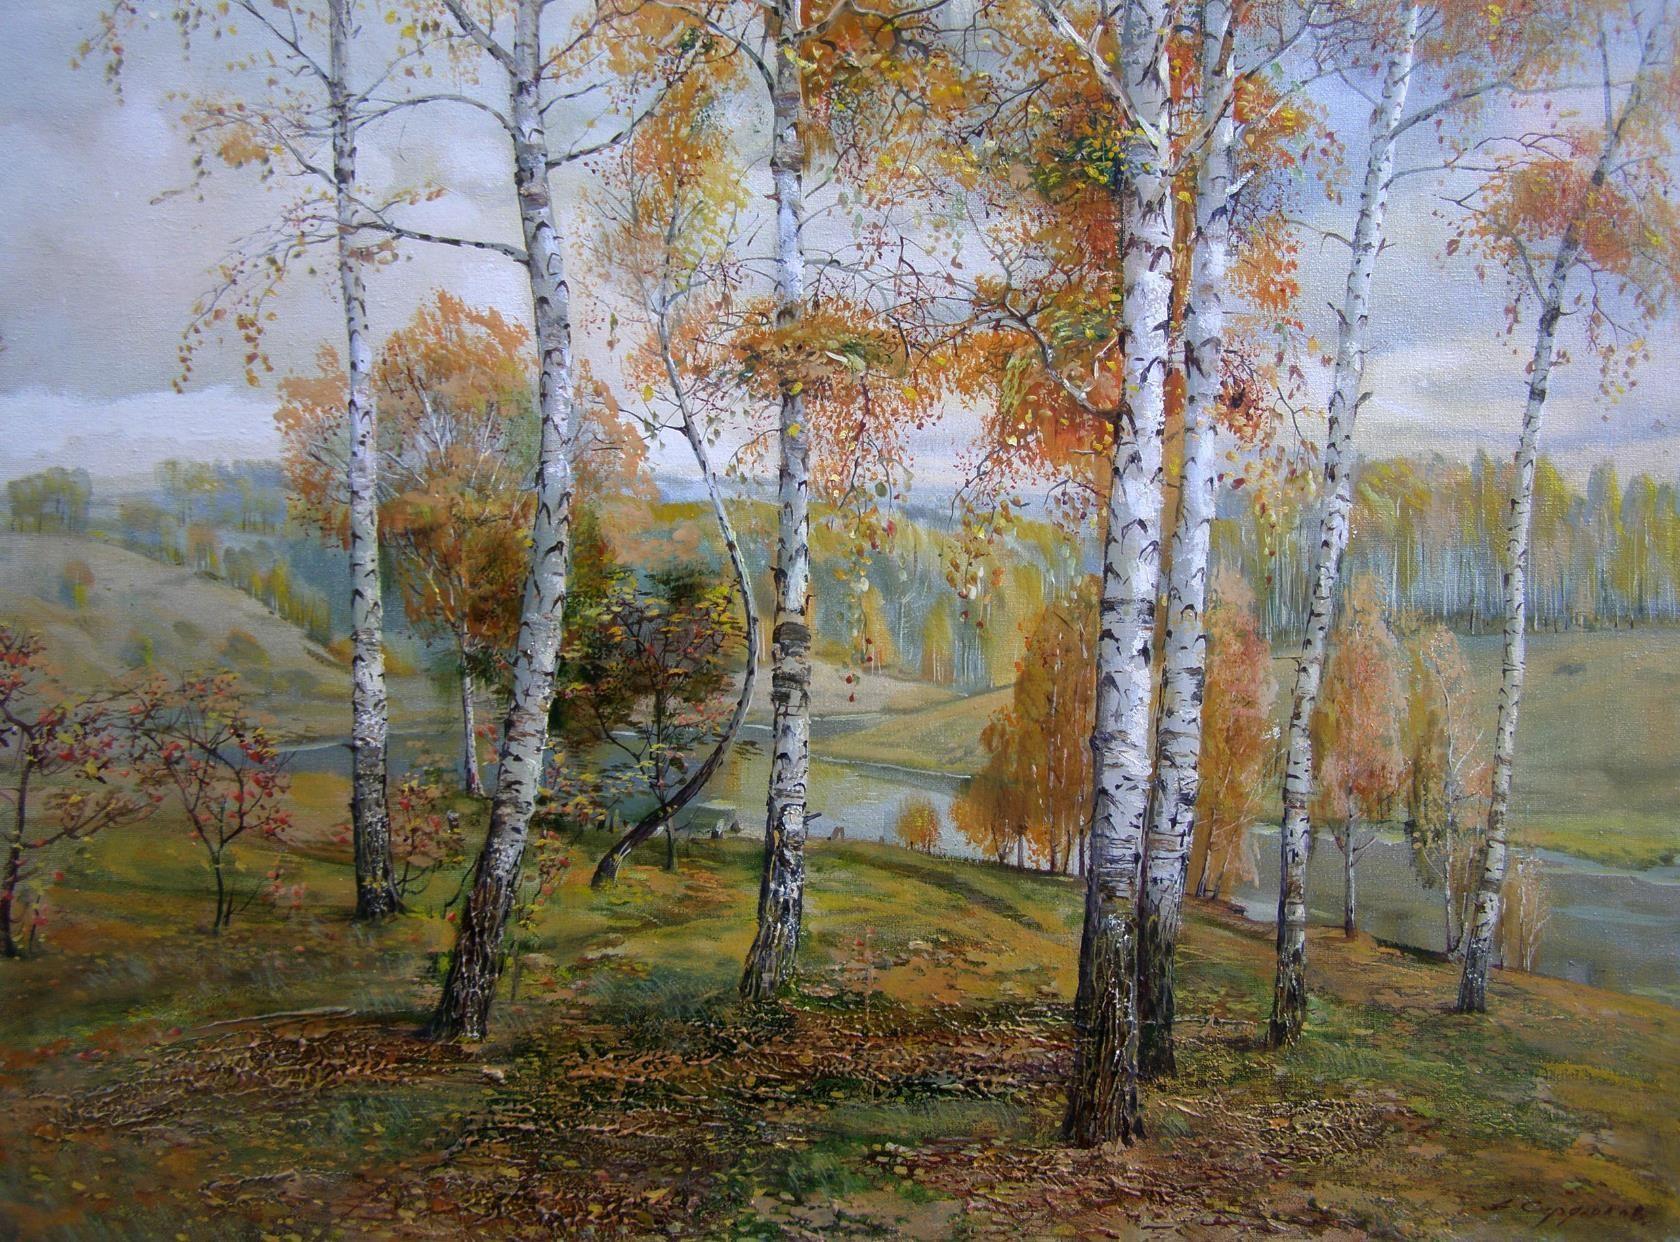 посвящён природным, лирический пейзаж картинки хай-тек